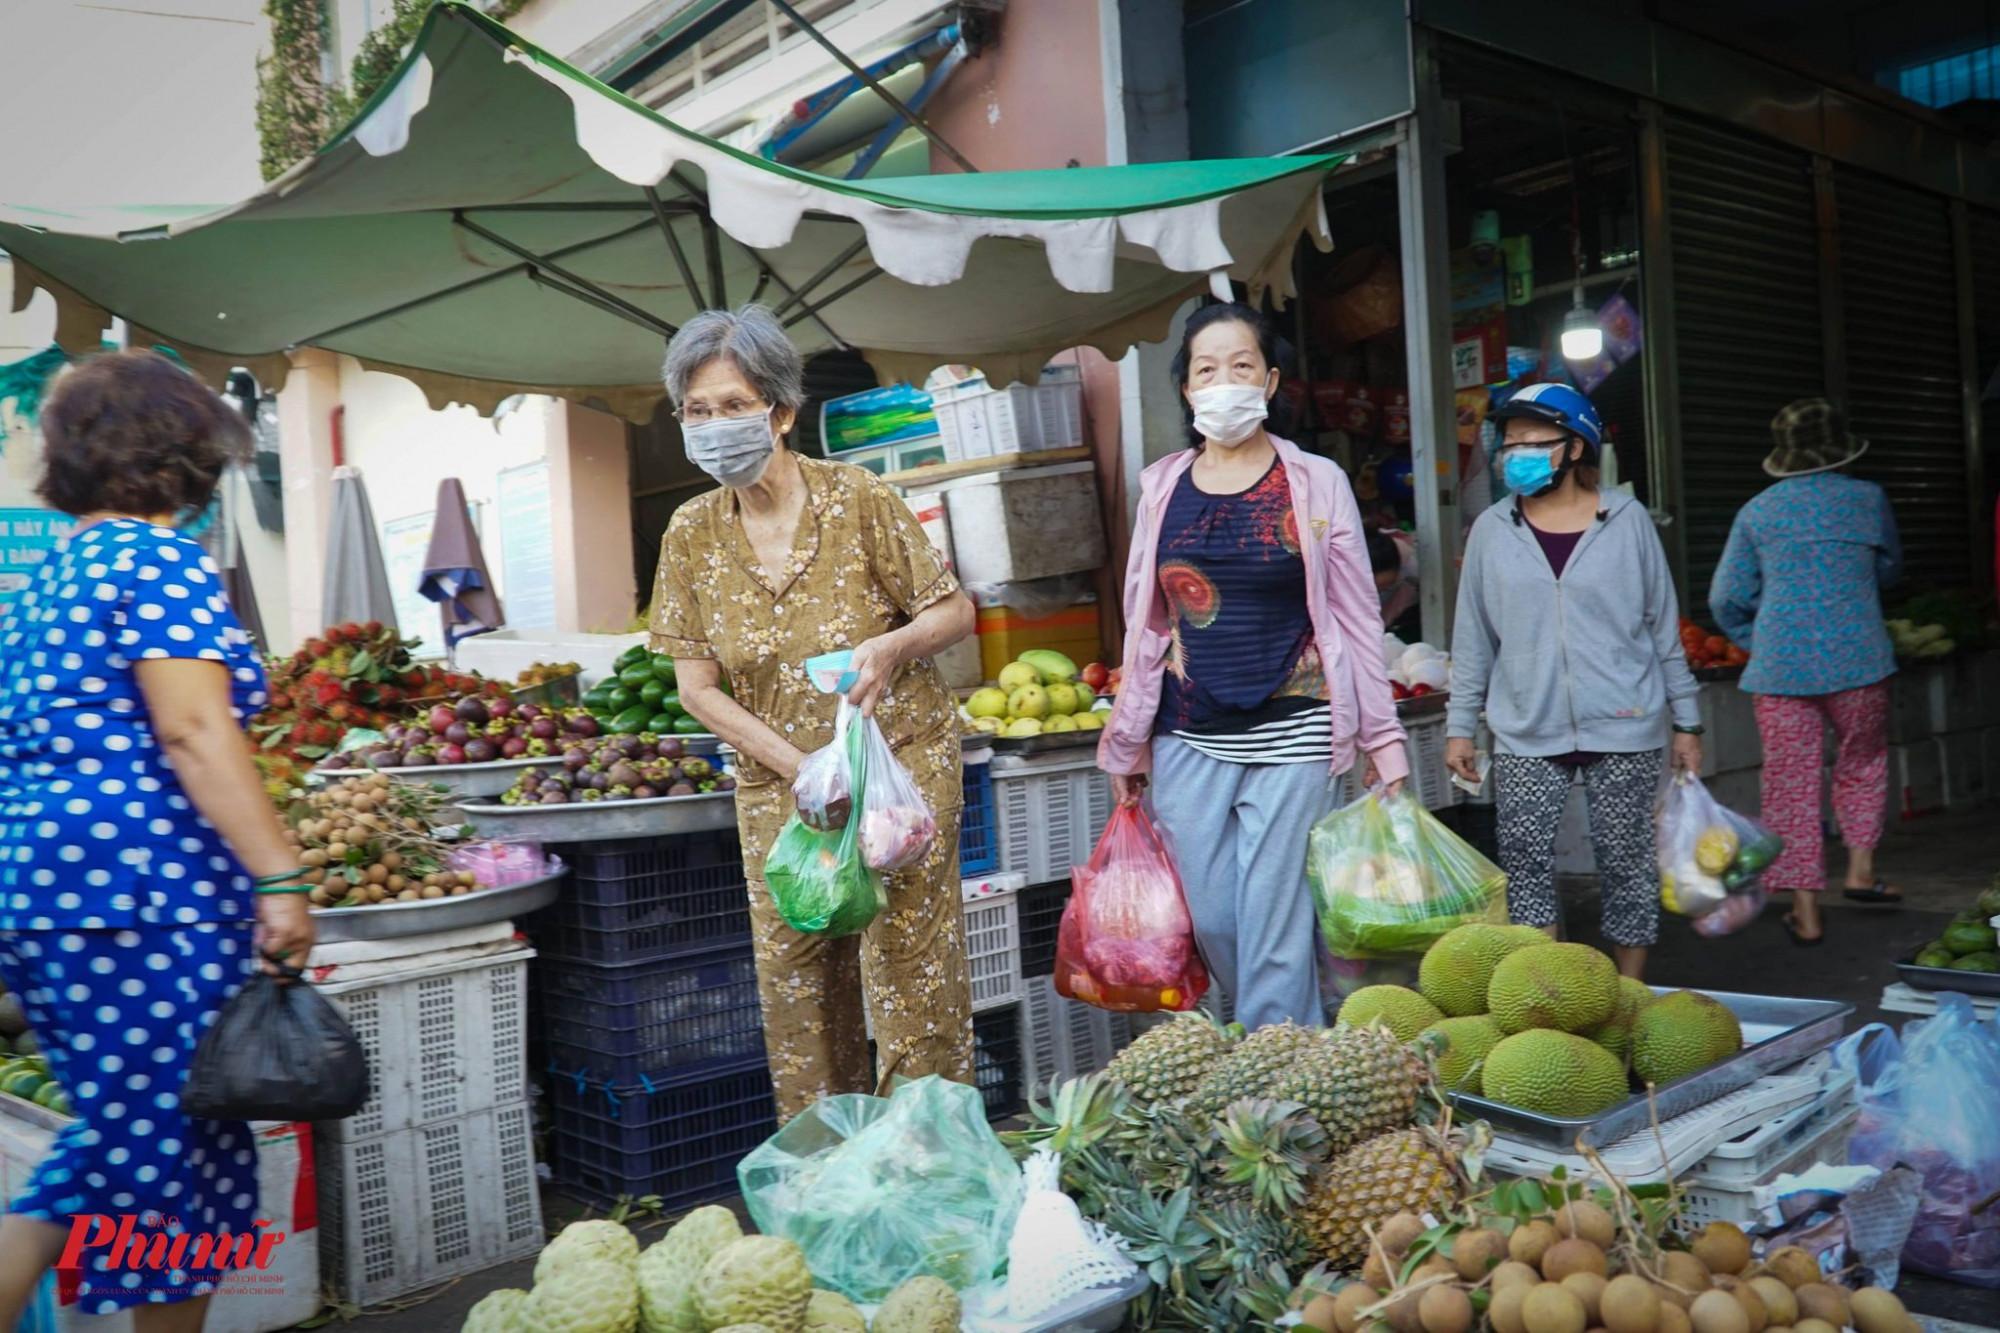 Chợ Bình Thới, quận 11, TP HCM hoạt động trở lại, người dân có thêm nơi để mua thực phẩm.